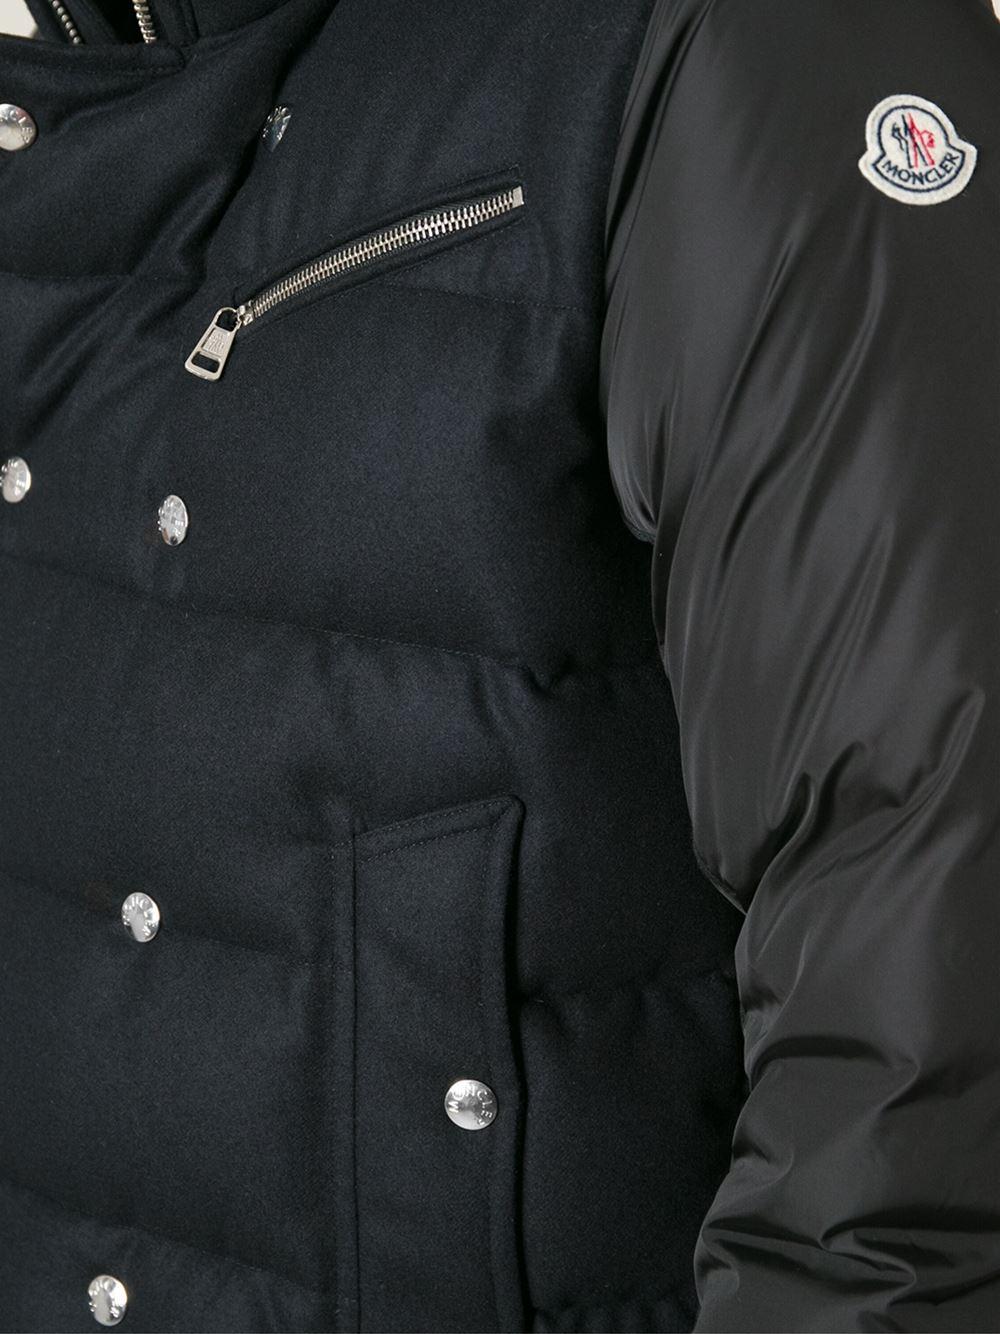 moncler loirac black